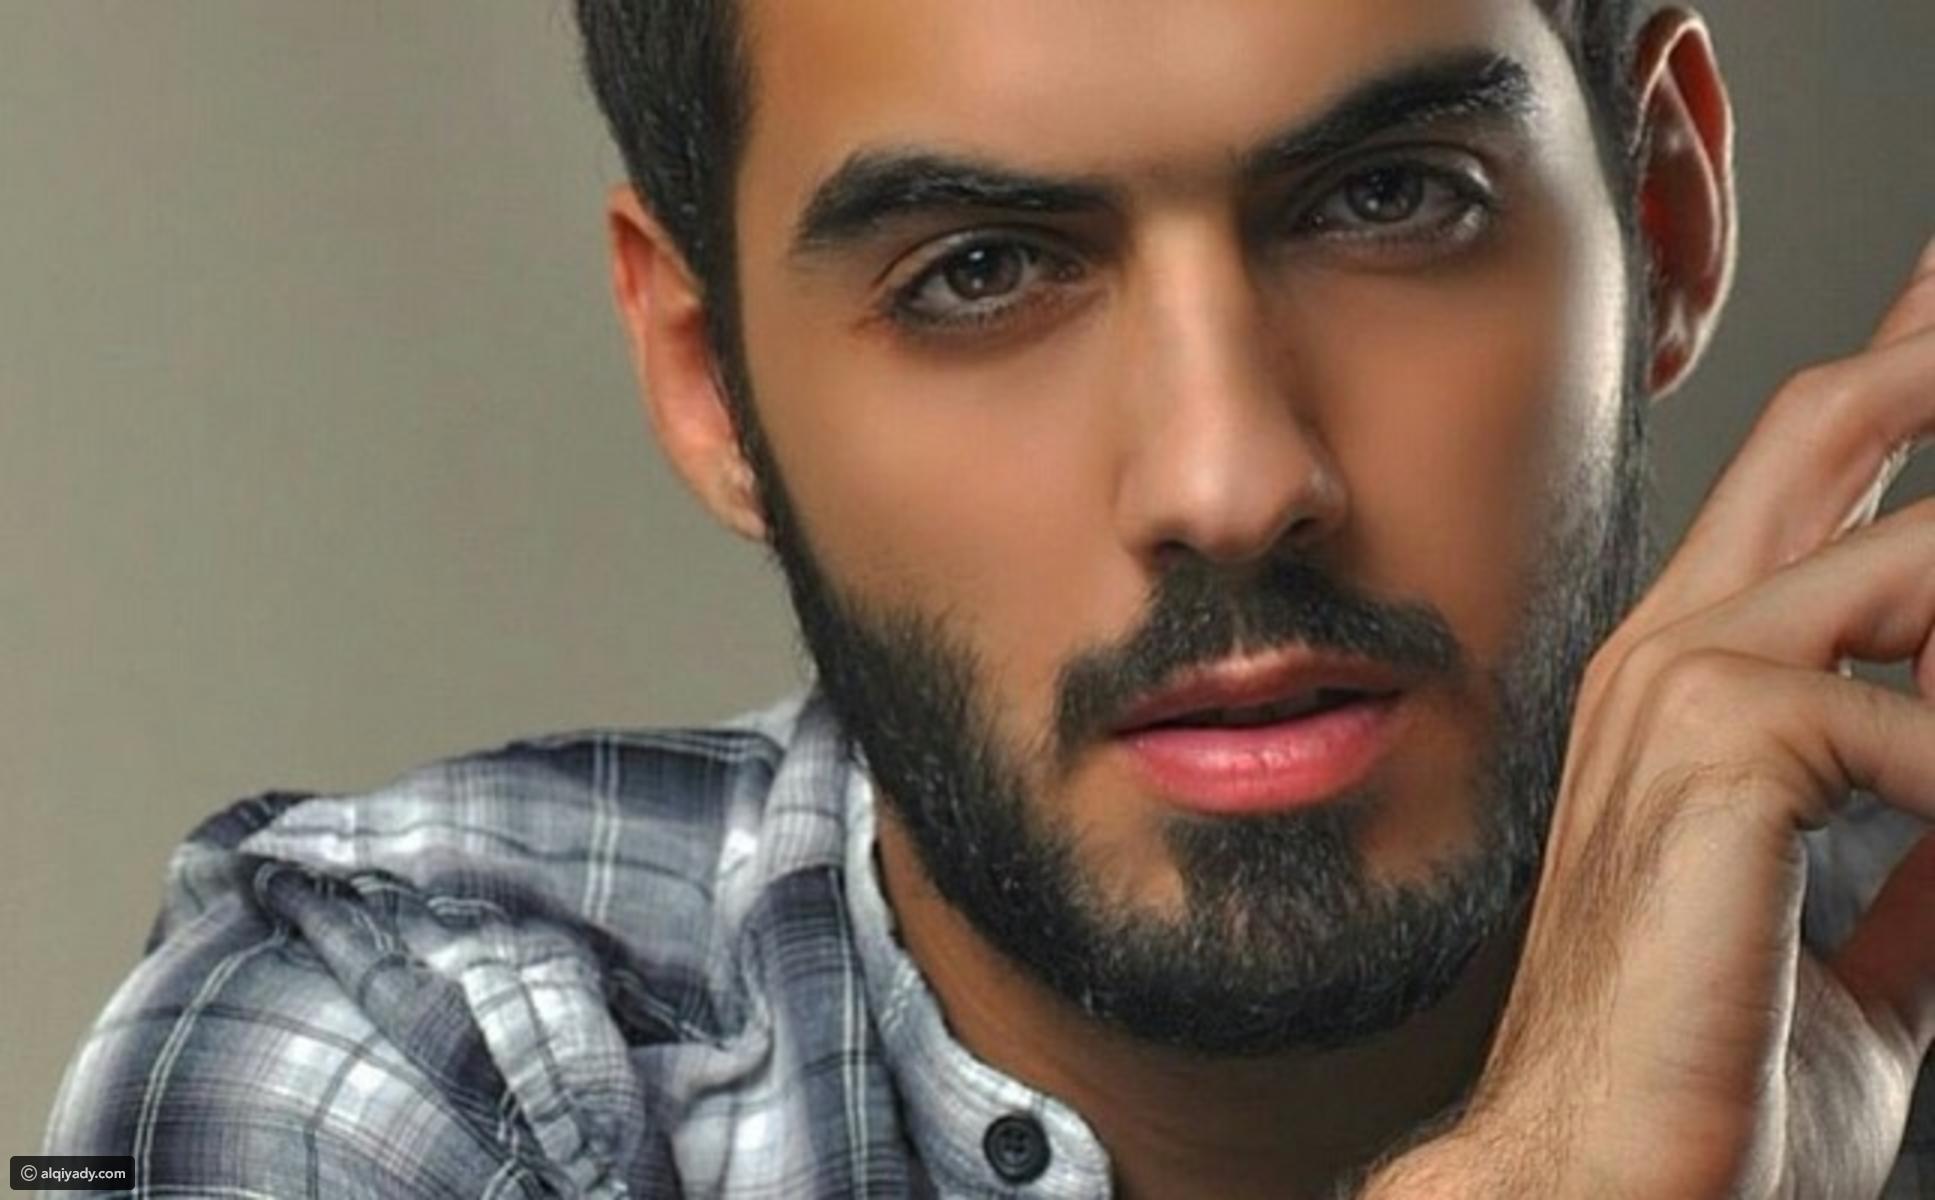 صوره صور شباب سوريا صور سوريين جديدة صور شباب سورى , افضل صوره لشاب سورى